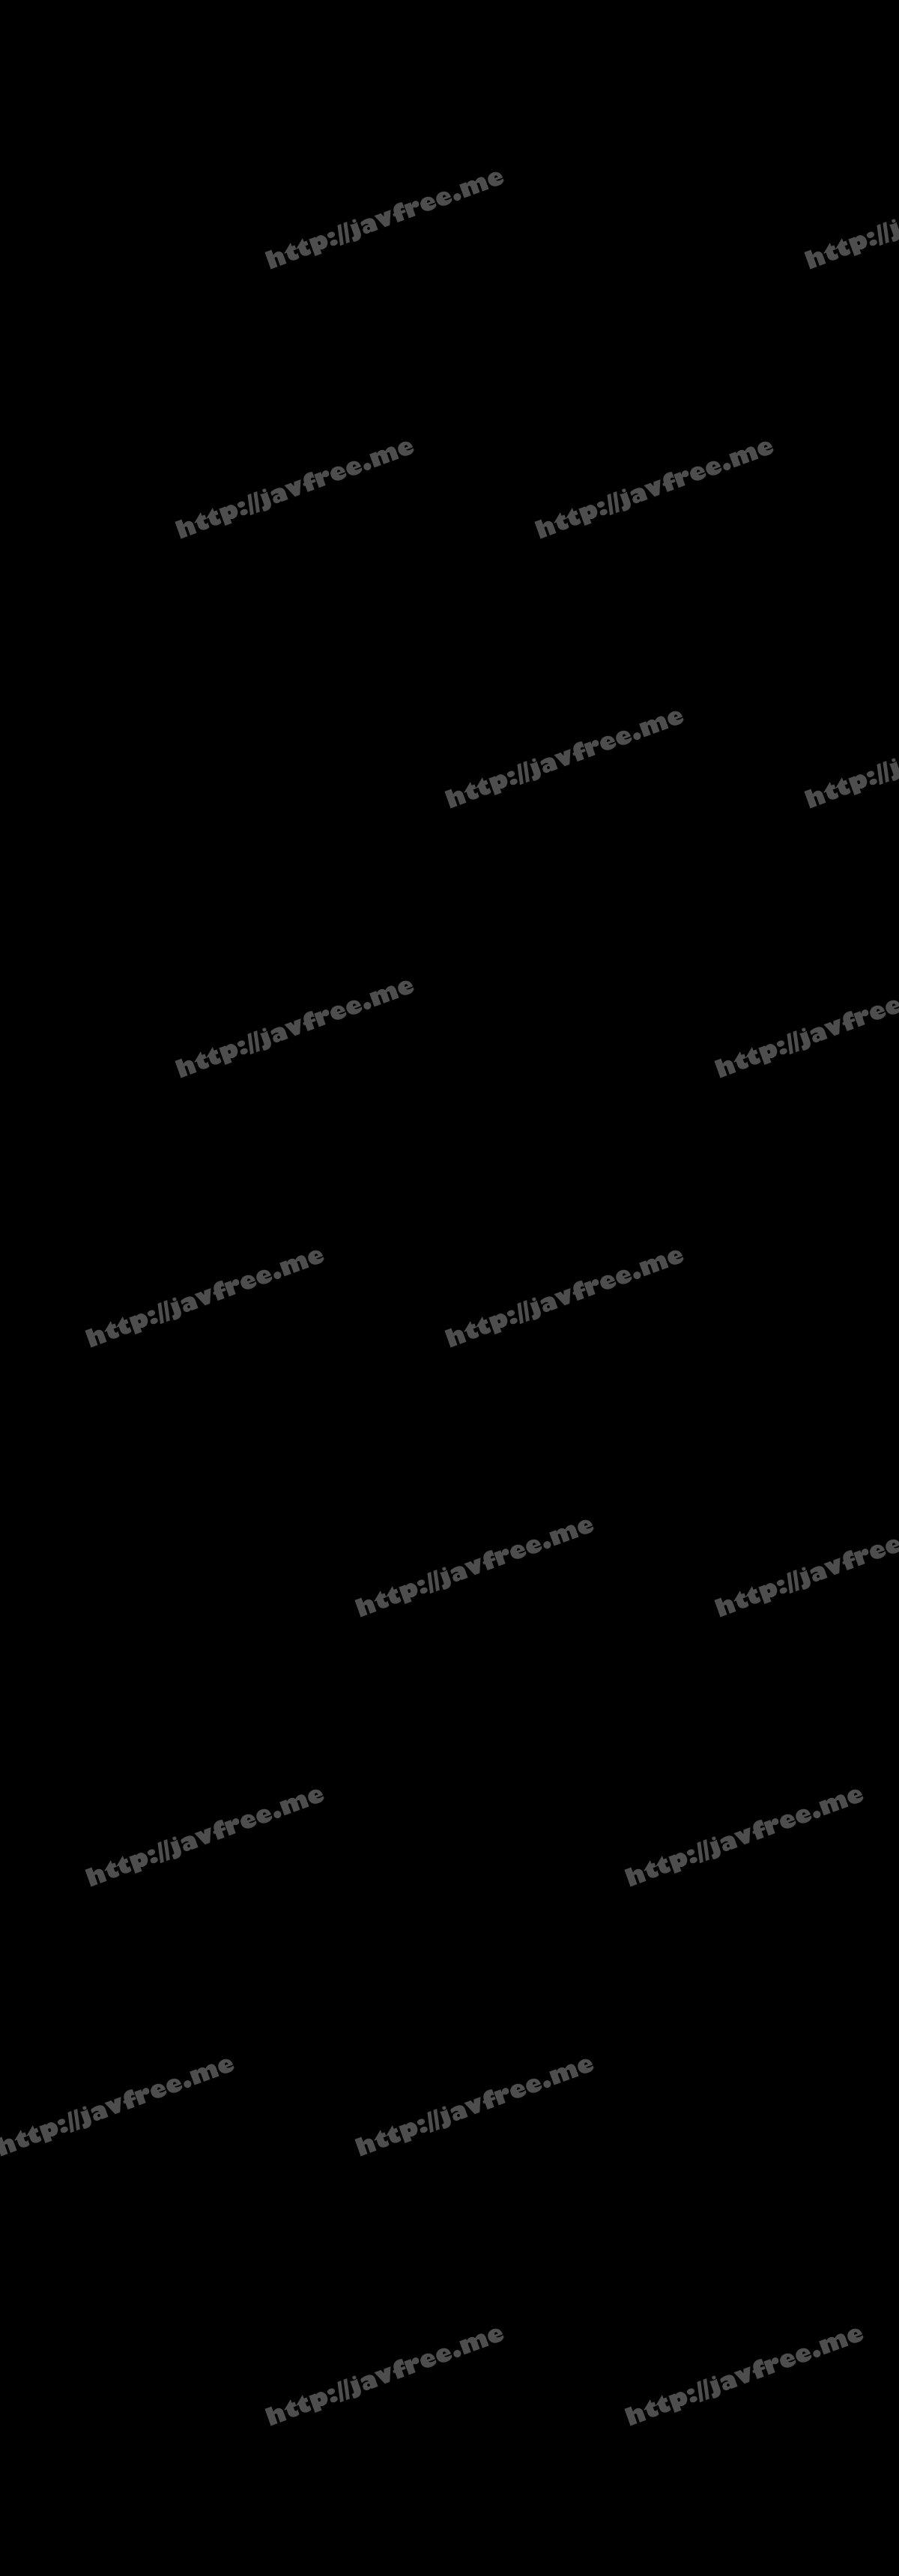 [HD][OYC-261] バイトを寿退社する先輩の送別会で…結婚間近の先輩を飲ませて、その気にさせて男たちでヤッちゃう!婚約者のセックスに不満だったらしく、途中から求めて来る先輩! - image NDRA-057-1080p on https://javfree.me